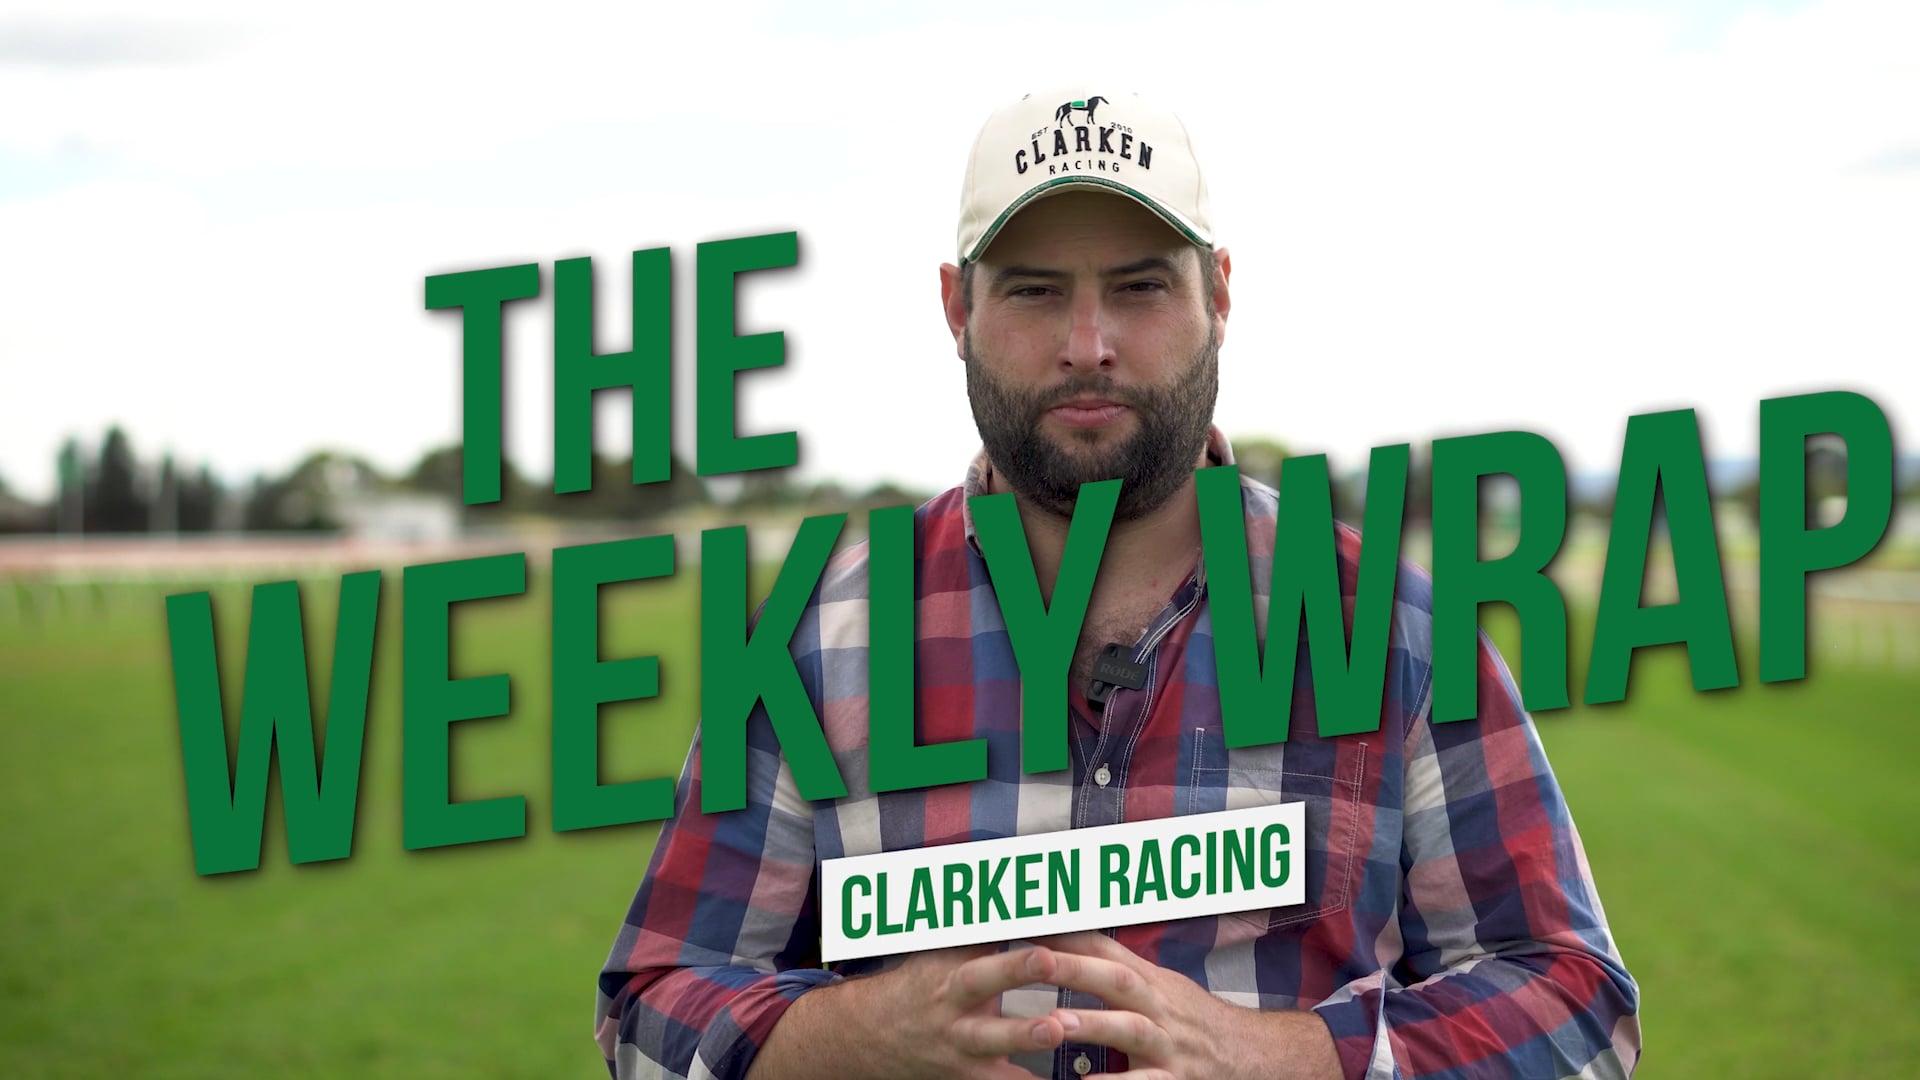 Clarken Racing Weekly Wrap